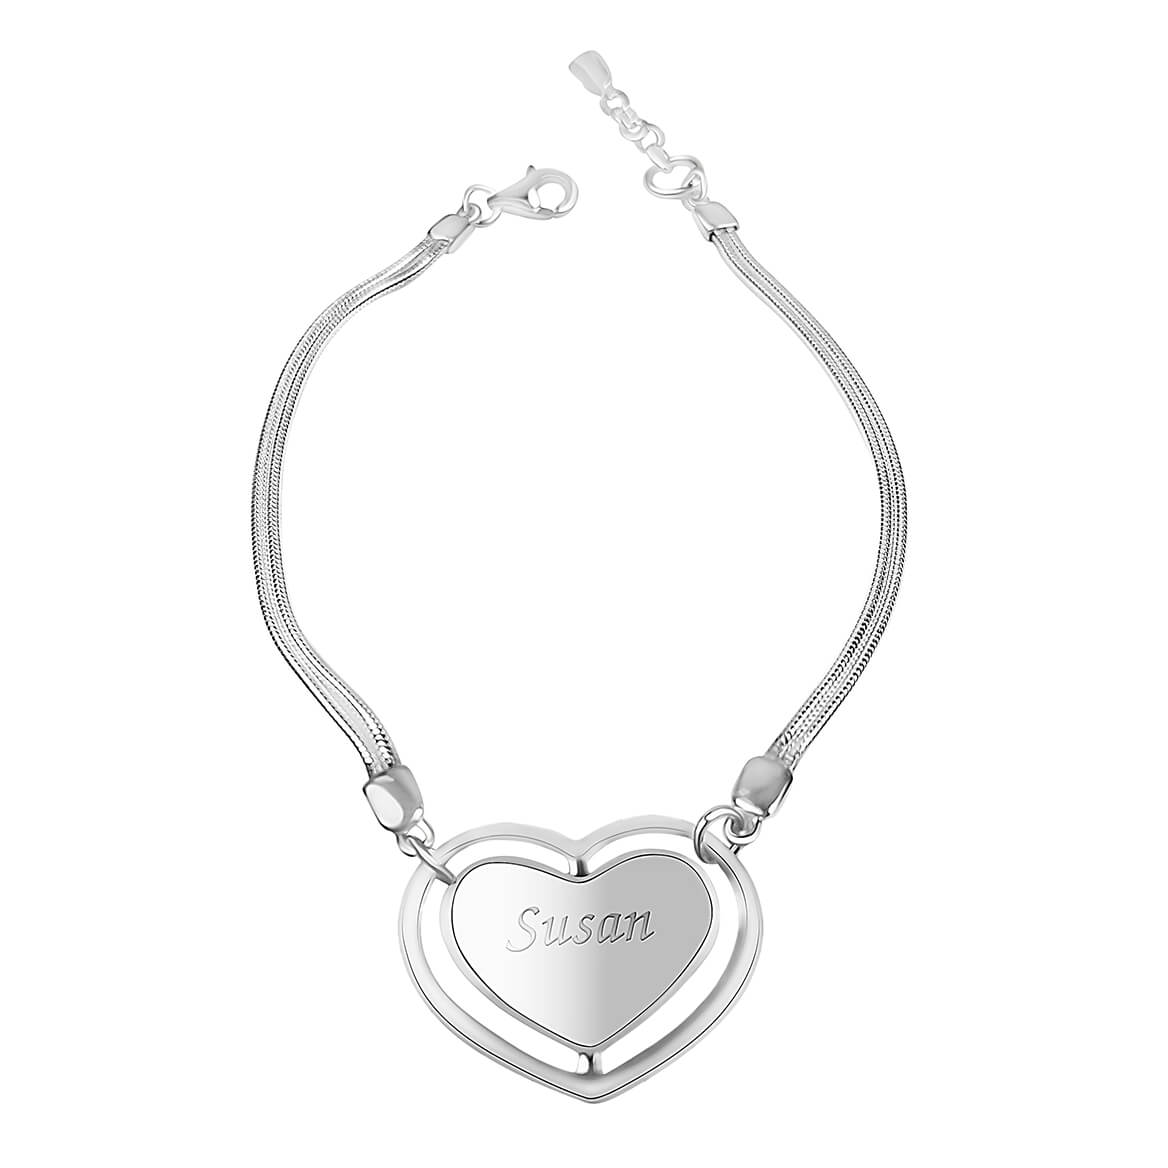 Personalized Sterling Silver Heart Bracelet